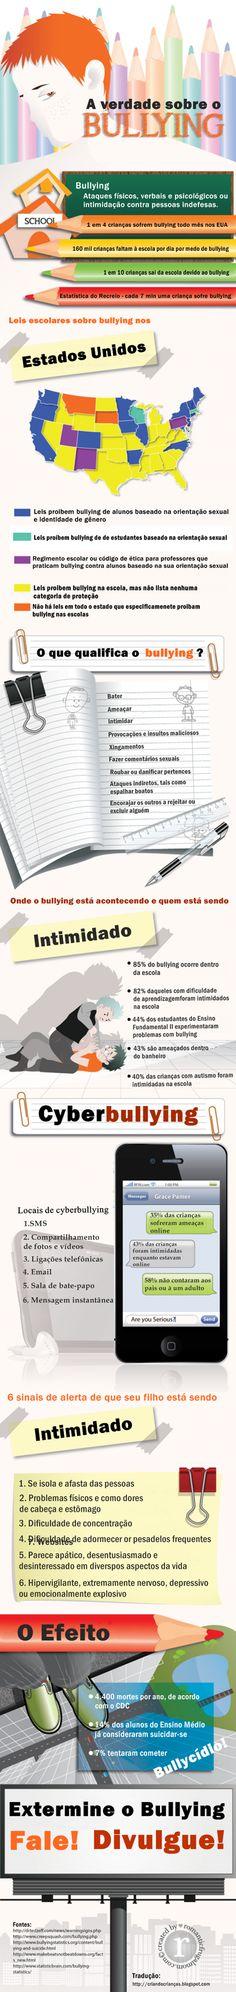 A verdade sobre o Bullying.  Criado por: http://romanticfrugalmom.com  Traduzido e publicado em: http://criandocriancas.blogspot.com